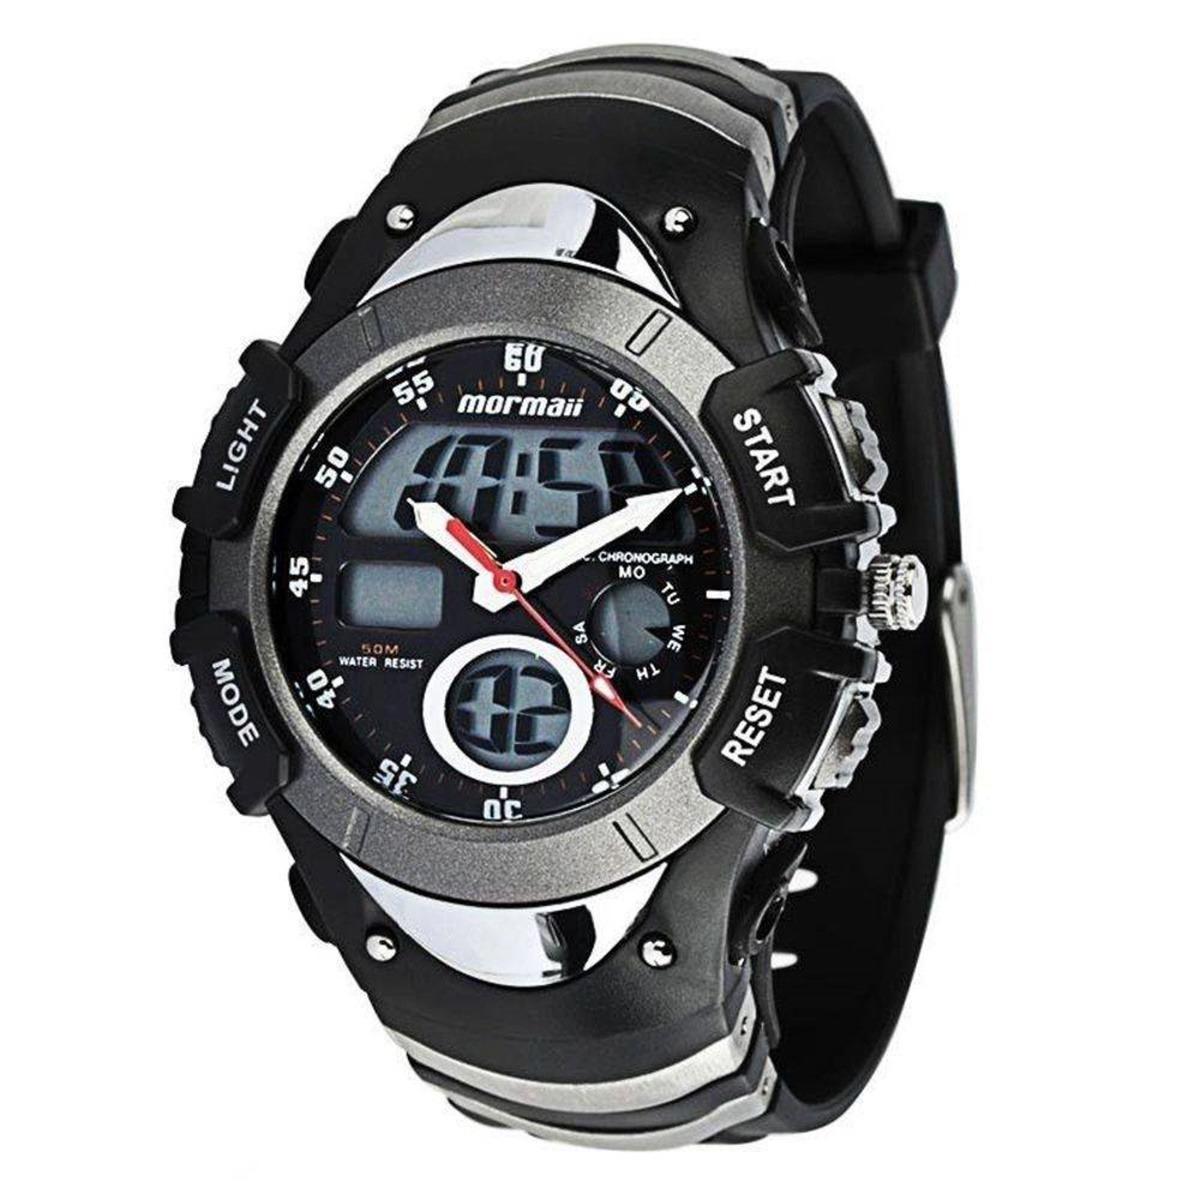 574a7633f4c relógio esportivo masculino mormaii anadigi 7870m 8c. Carregando zoom.